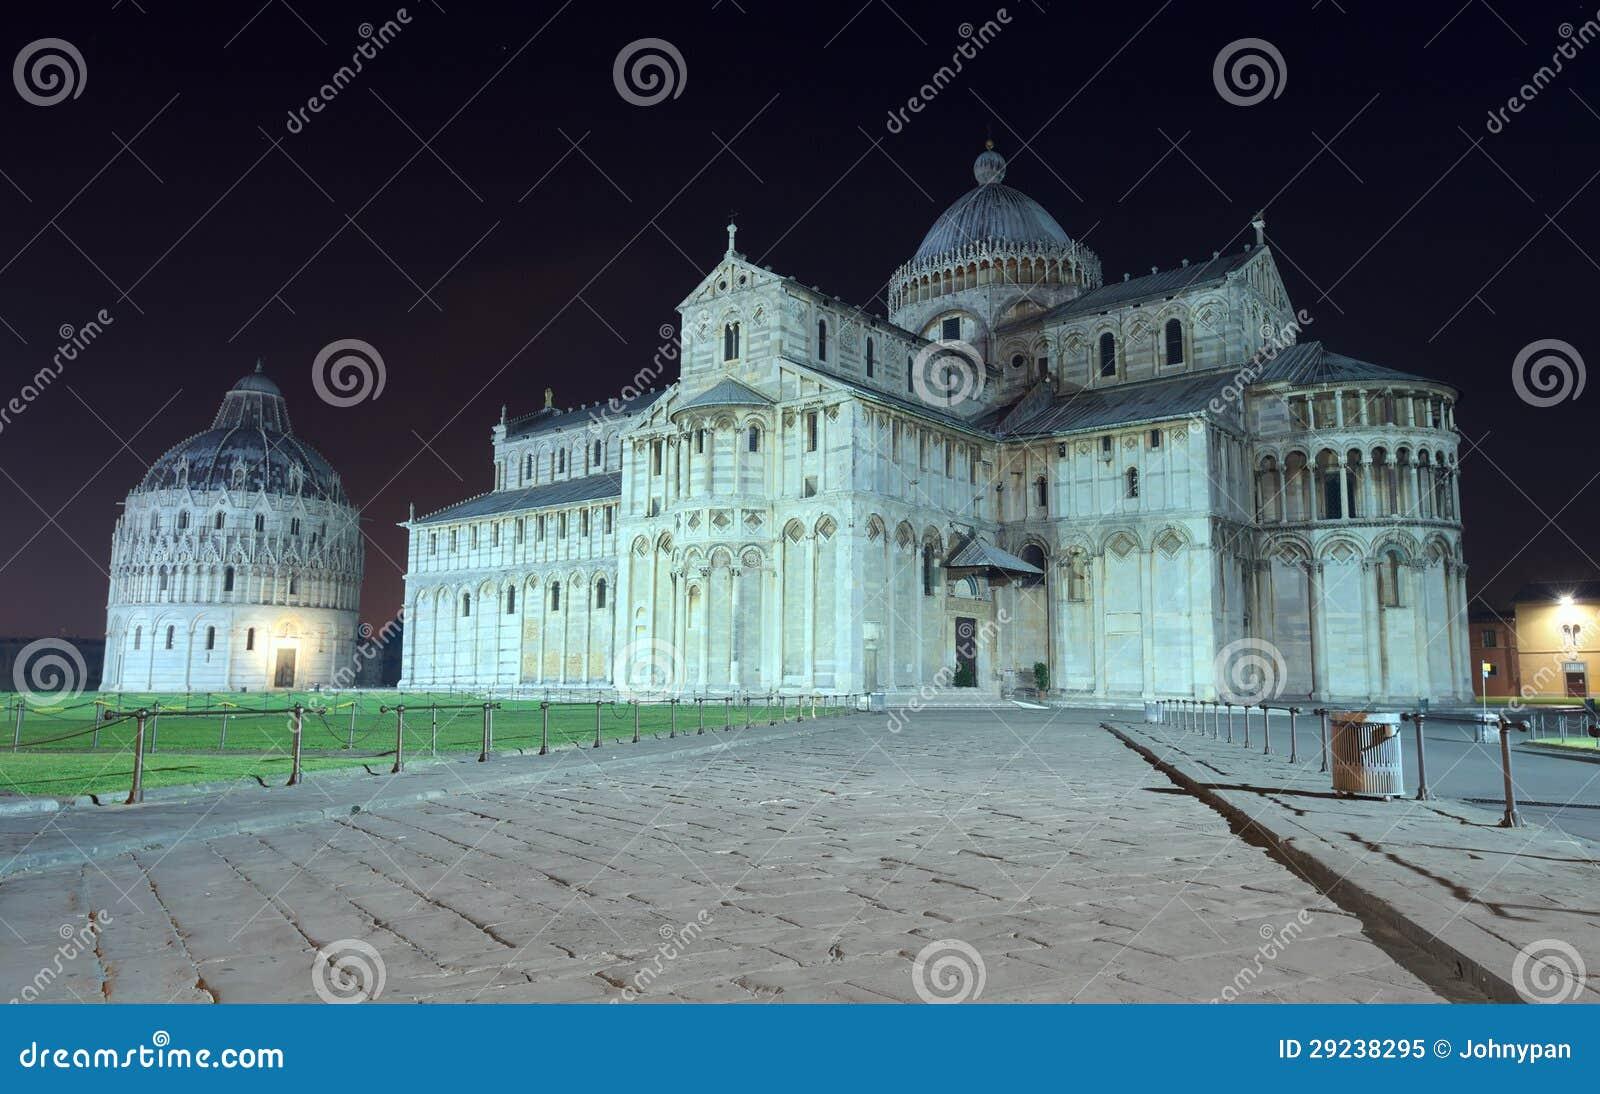 Download Pisa na noite imagem de stock. Imagem de religião, escuro - 29238295